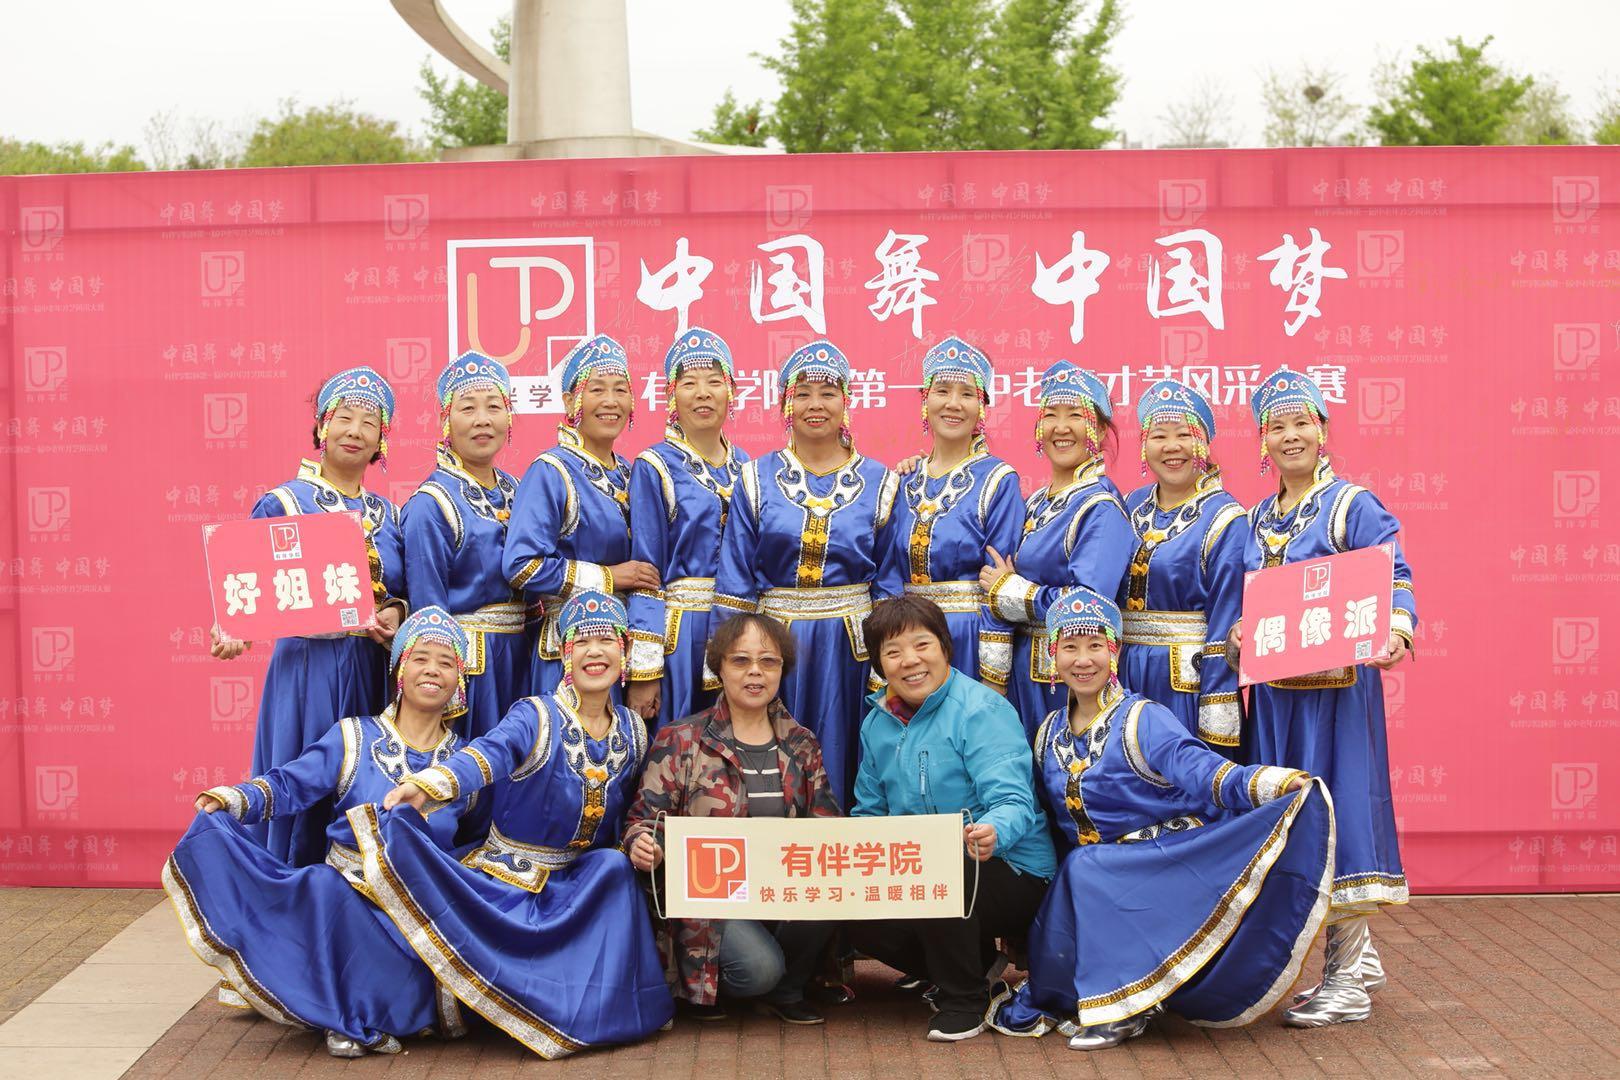 """生命的光彩 幸福的梦想 ——""""中国舞 中国梦""""第一届中老年人才艺大赛在京举行"""